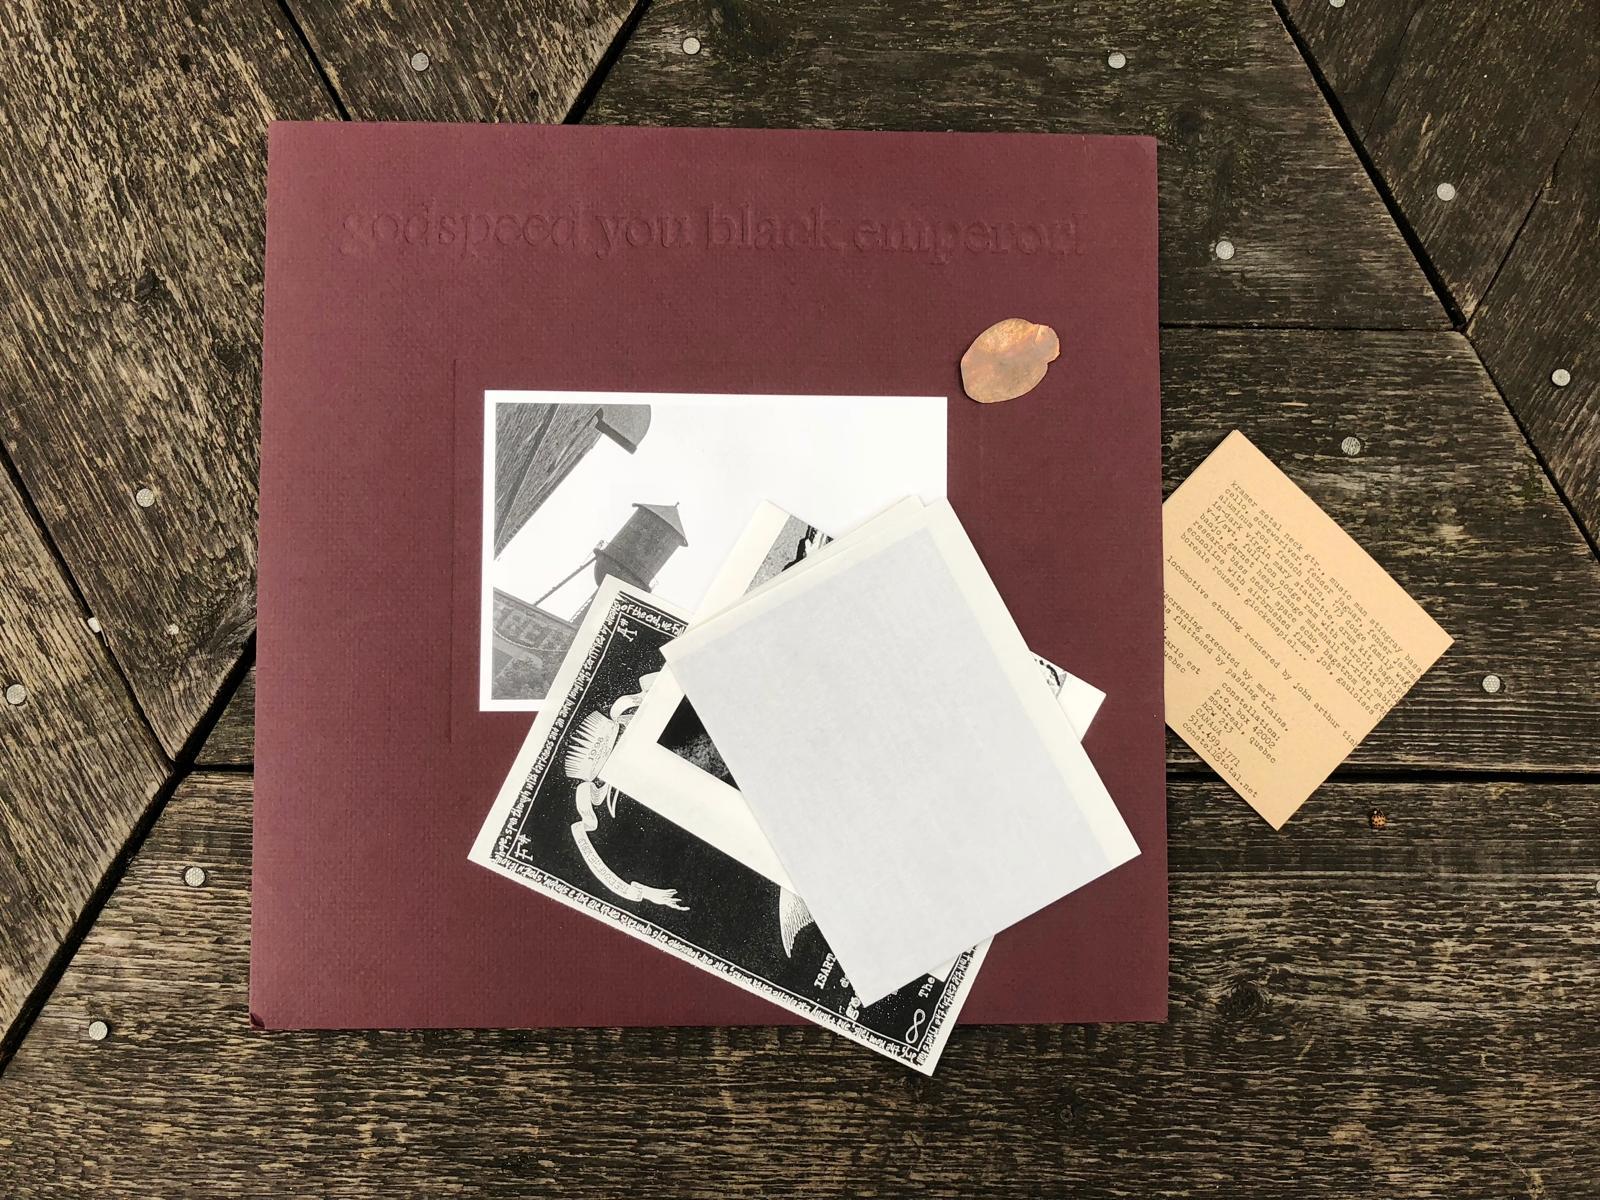 Roundtable-Godspeed-03